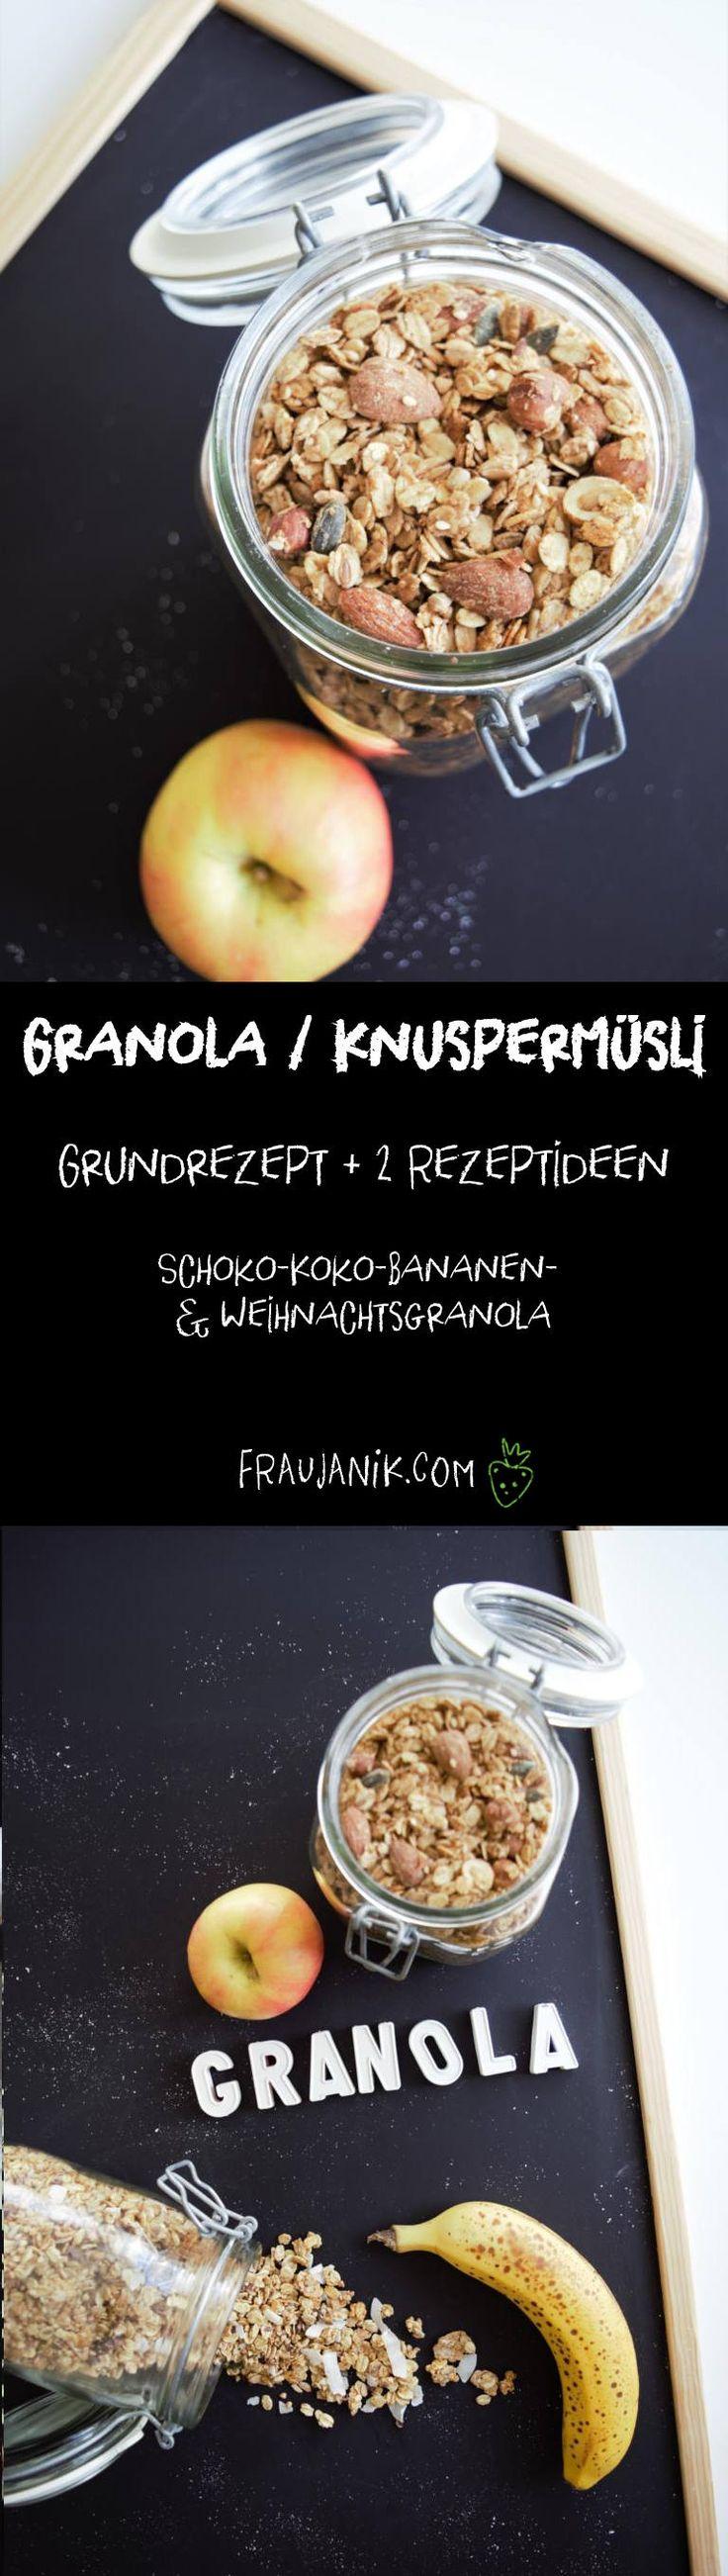 Granola/ Knuspermüsli selber machen | Granola Grundrezept + 2 Rezeptideen. Schoko-Koko-Bananen- & Weihnachtsgranola - Viel gesünder und sooo crunchy... #granola #knuspermüsli #gesund #gesundbacken #weihnachtsgranola #weihnachten